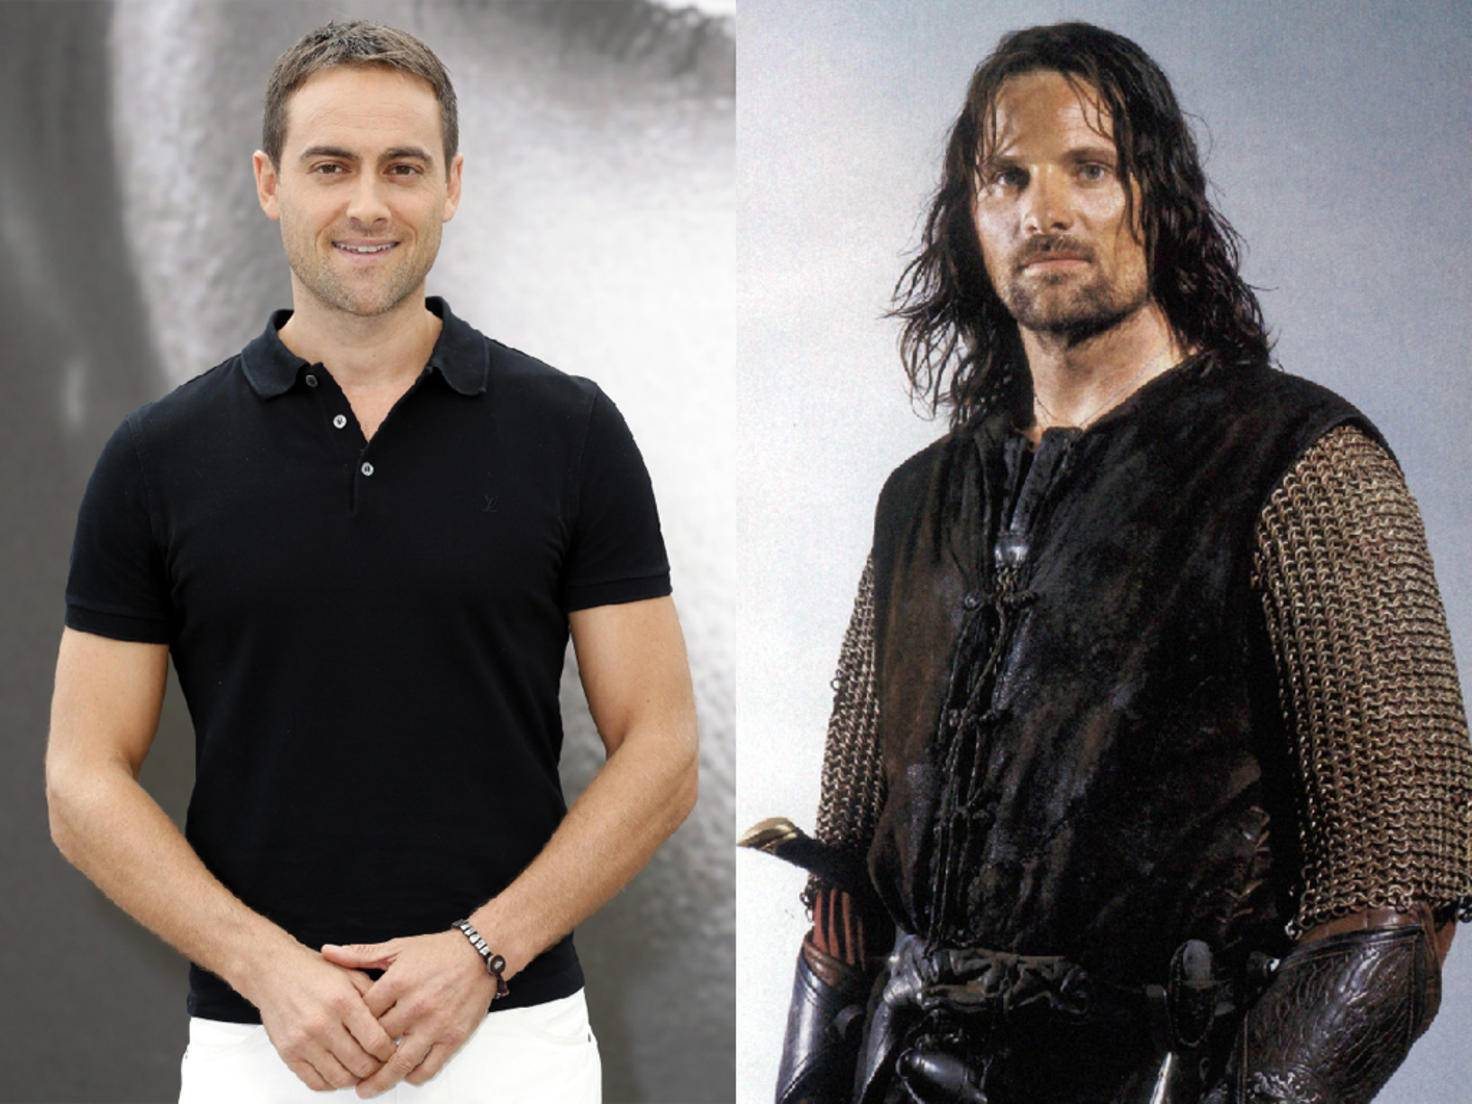 Stuart Townsend bekam für die Rolle des Aragorn eine unerhört kurzfristige Absage.